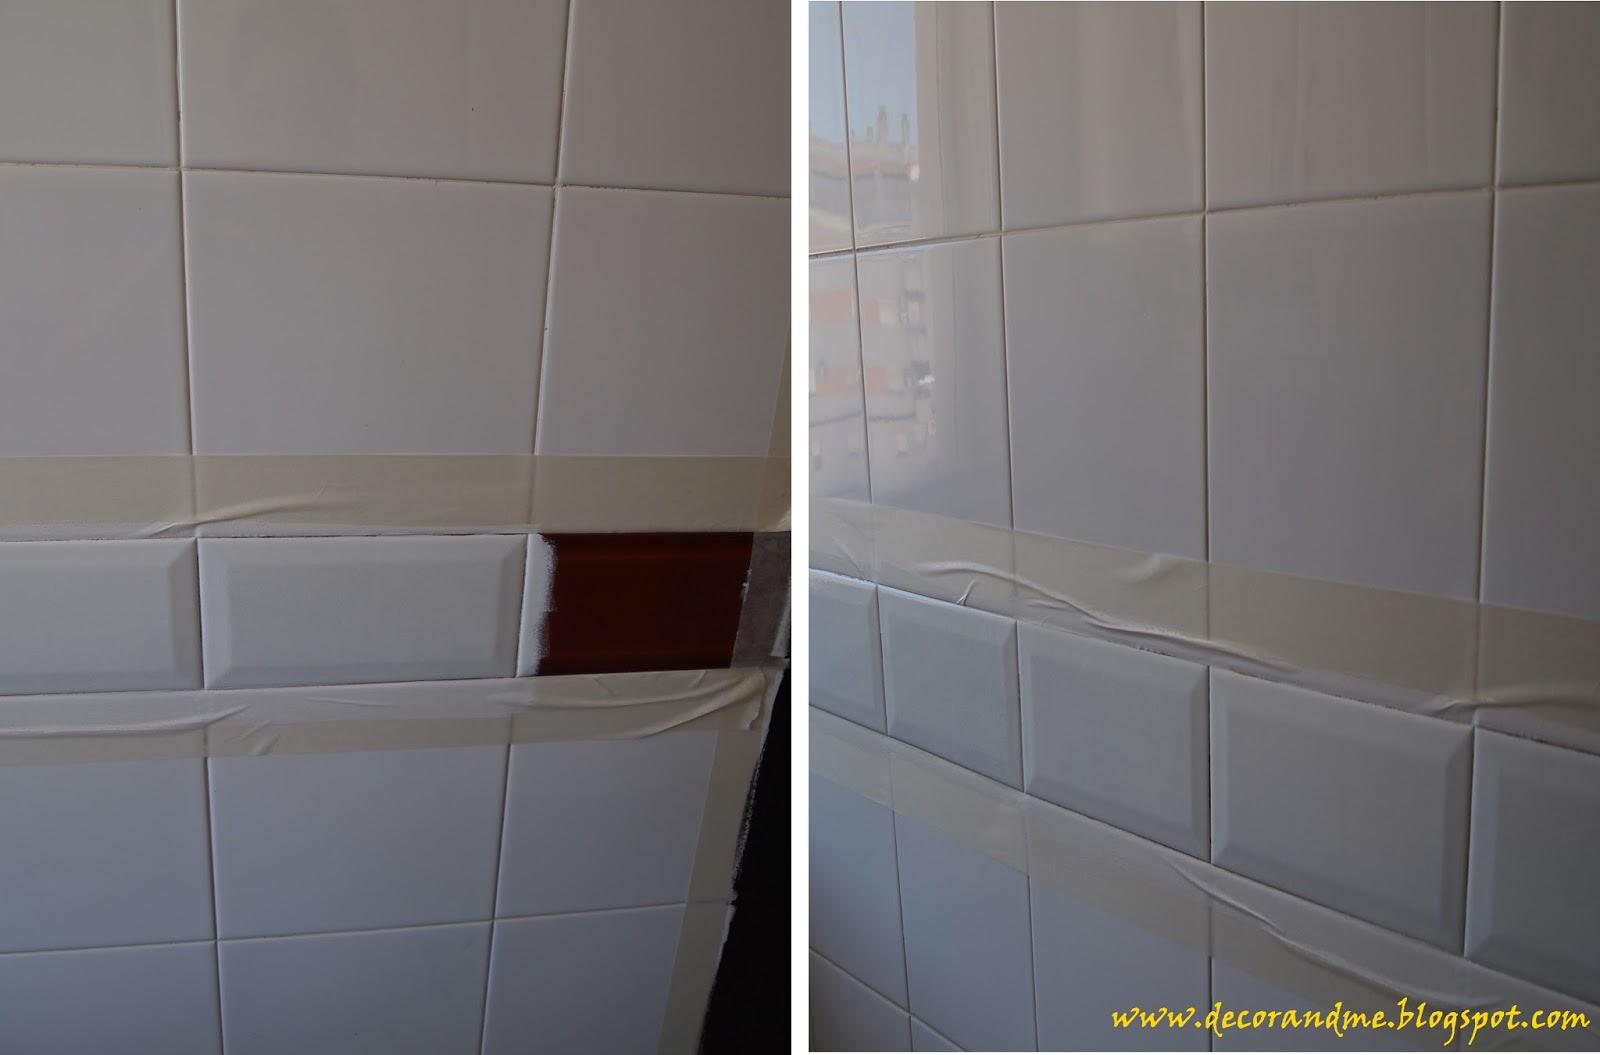 Decor me diy cambia tu cocina por poco dinero - Pinturas para pintar azulejos ...